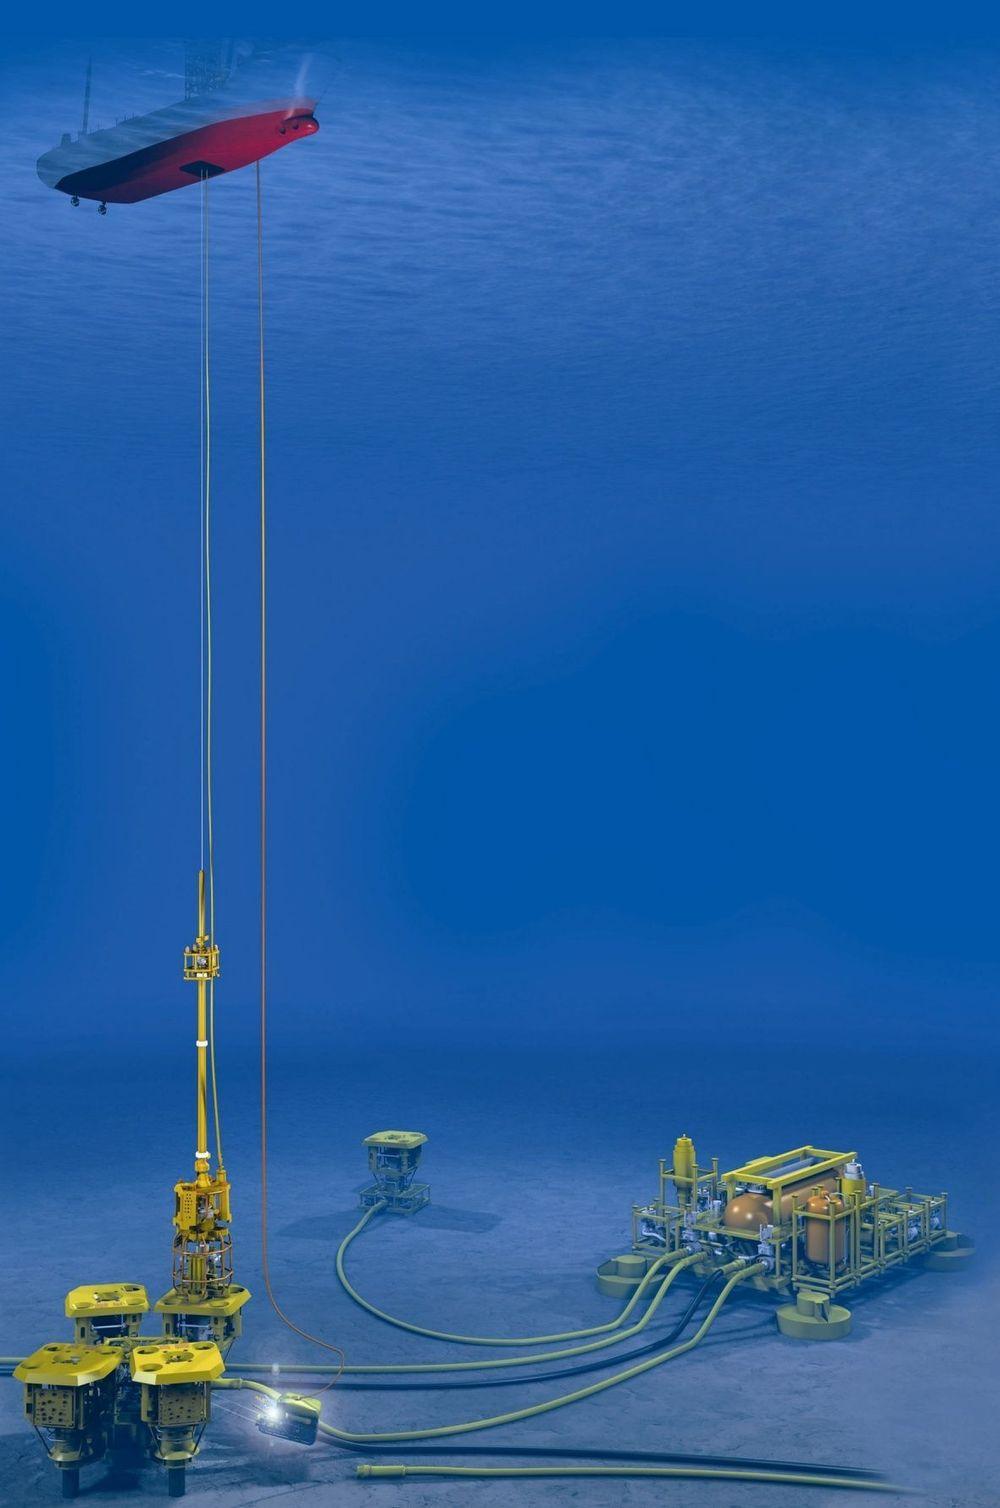 KABEL:Lett brønnintervensjon gjøres fra et enkelt fartøy til en brønn ved bruk av kabel og dermed spare penger i forhold til bruk av en stor borerigg. Teknologien er den tyngste utviklingsoppgaven noen sinne gjennomført av FMC Kongsberg Subsea.  ILL: FMC